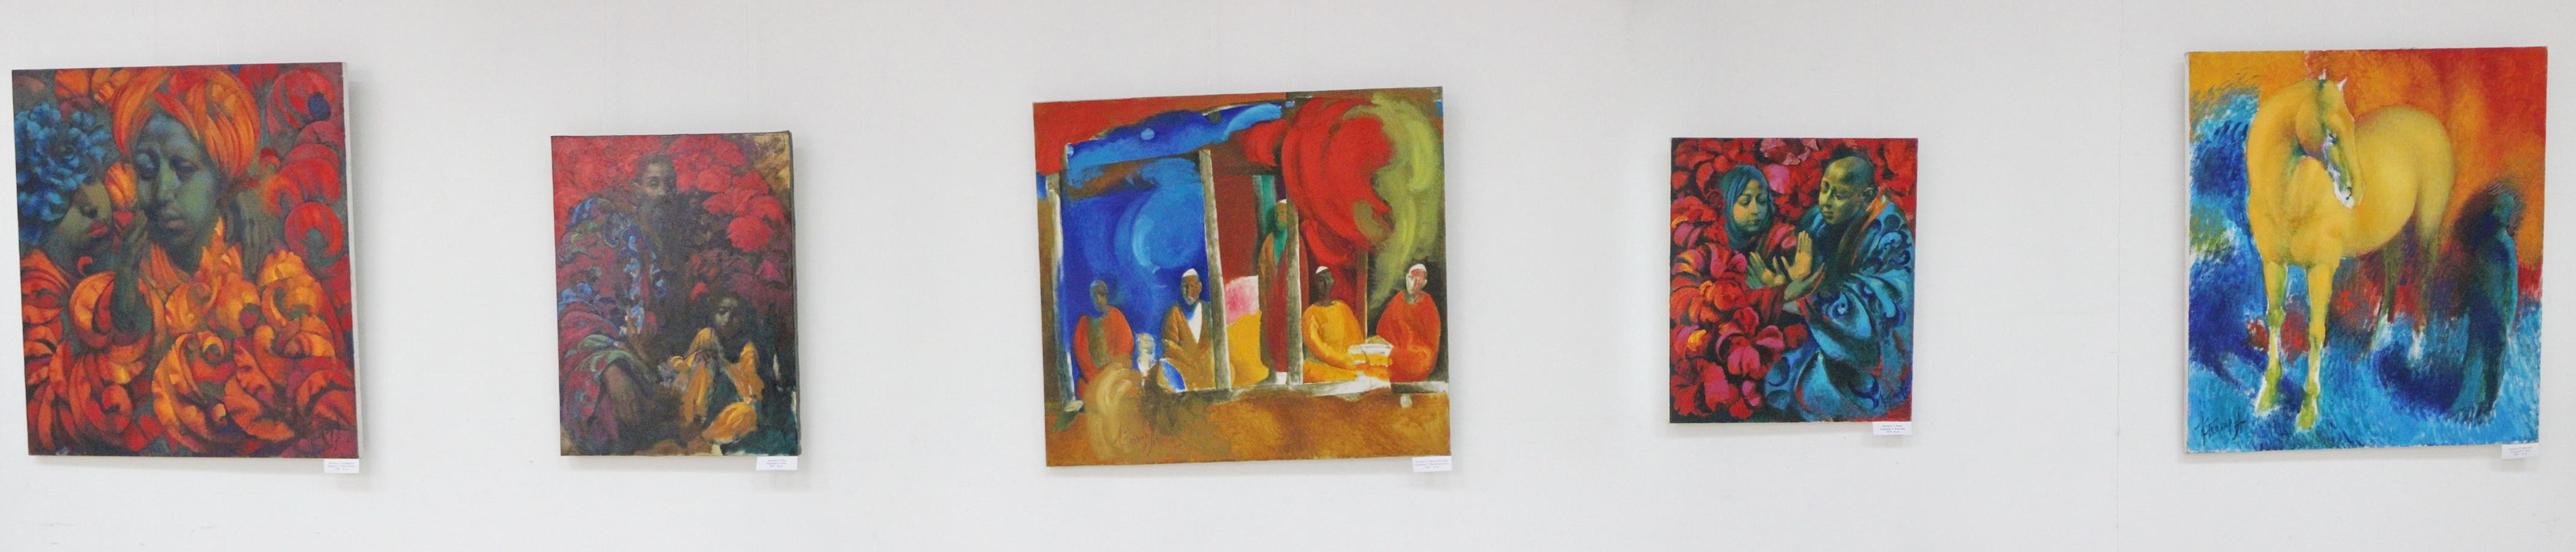 Экспозиция картин Тохира Каримова.